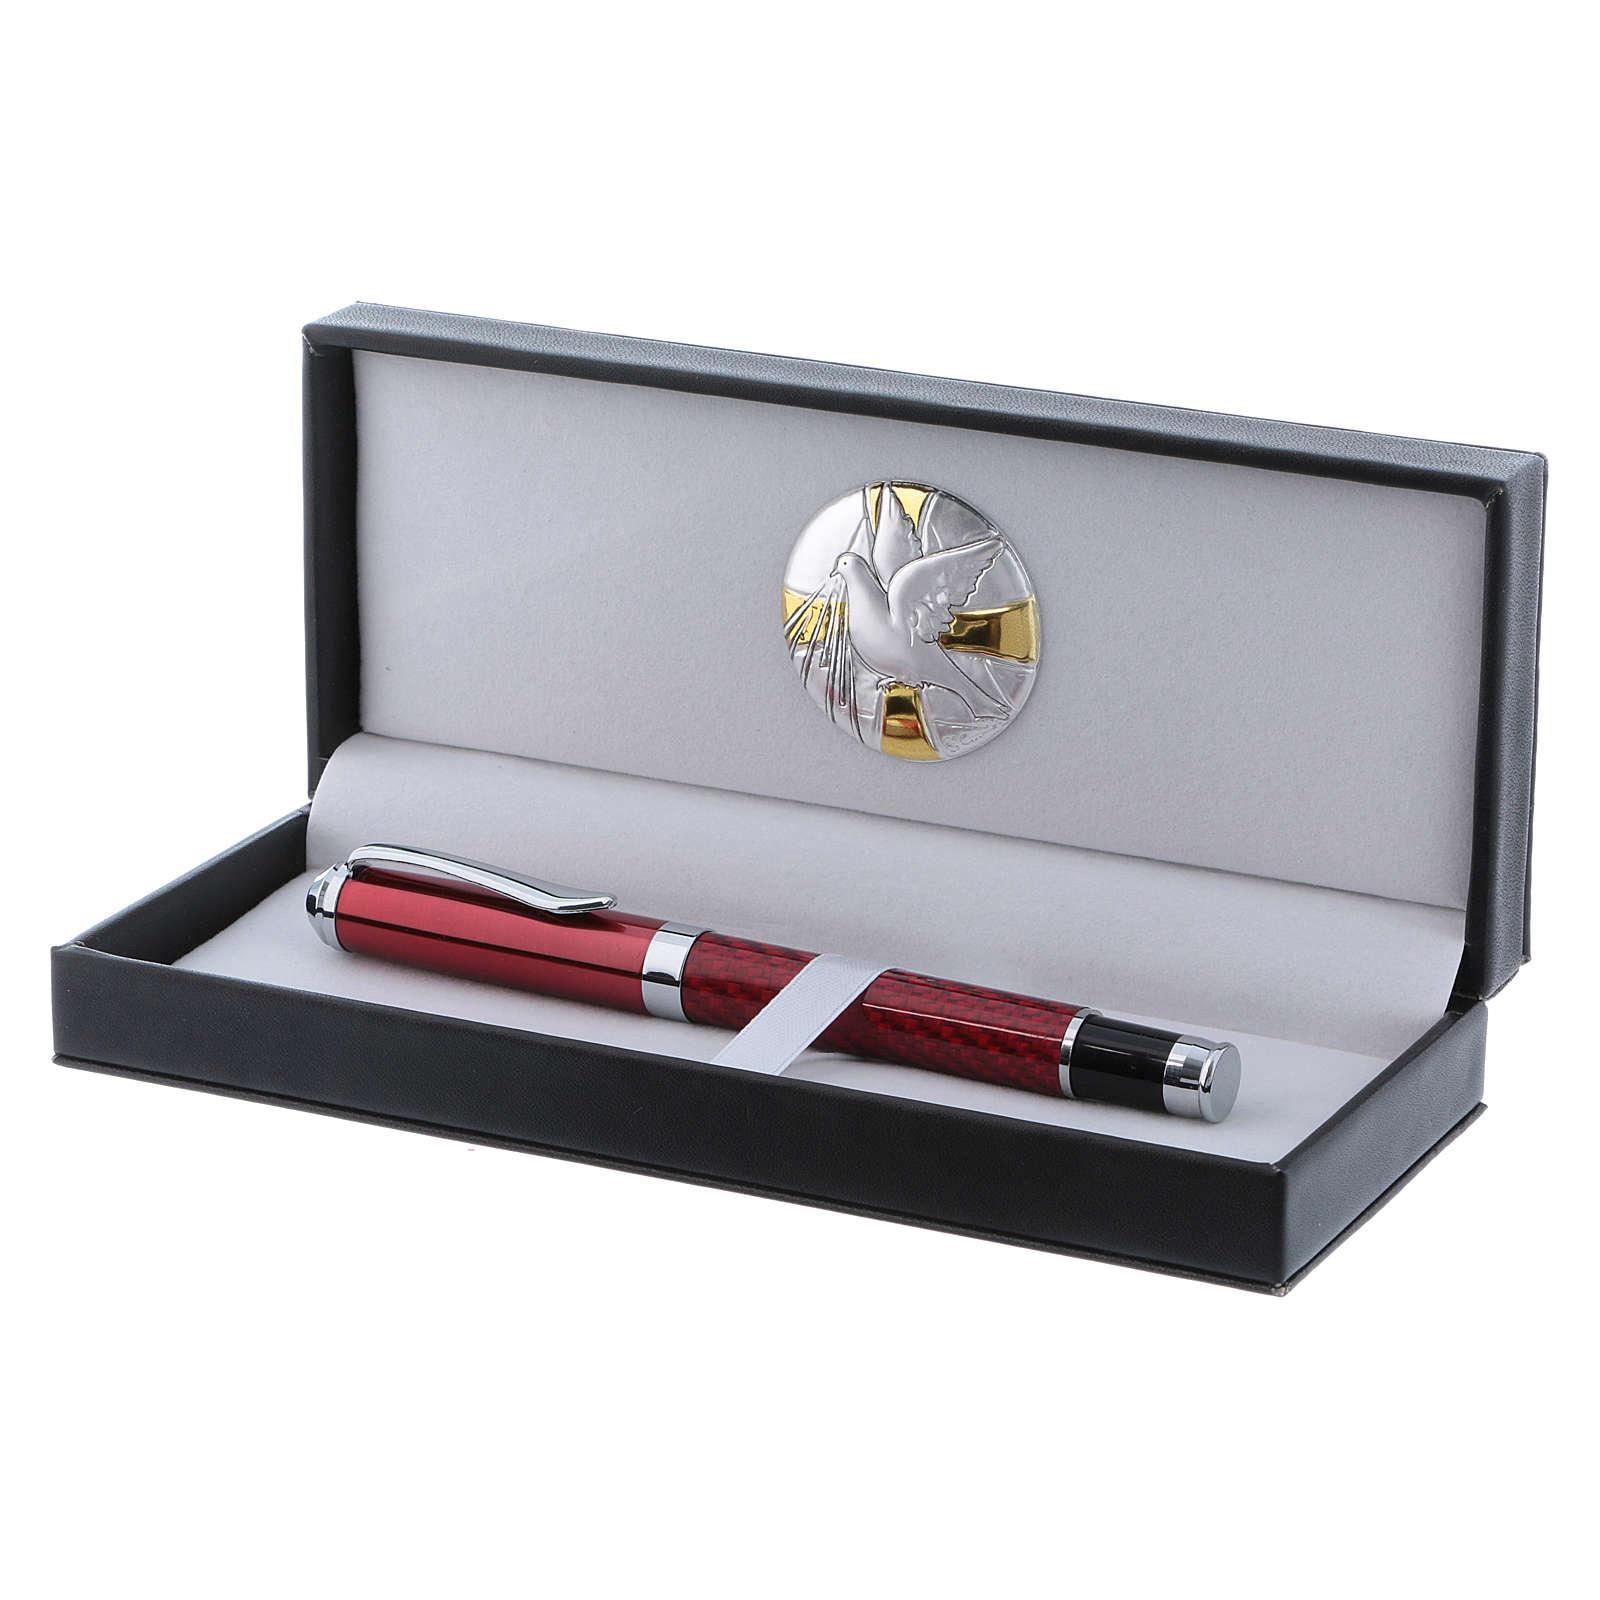 Astuccio con placca alluminio Colomba S.S. e penna roller rossa 3